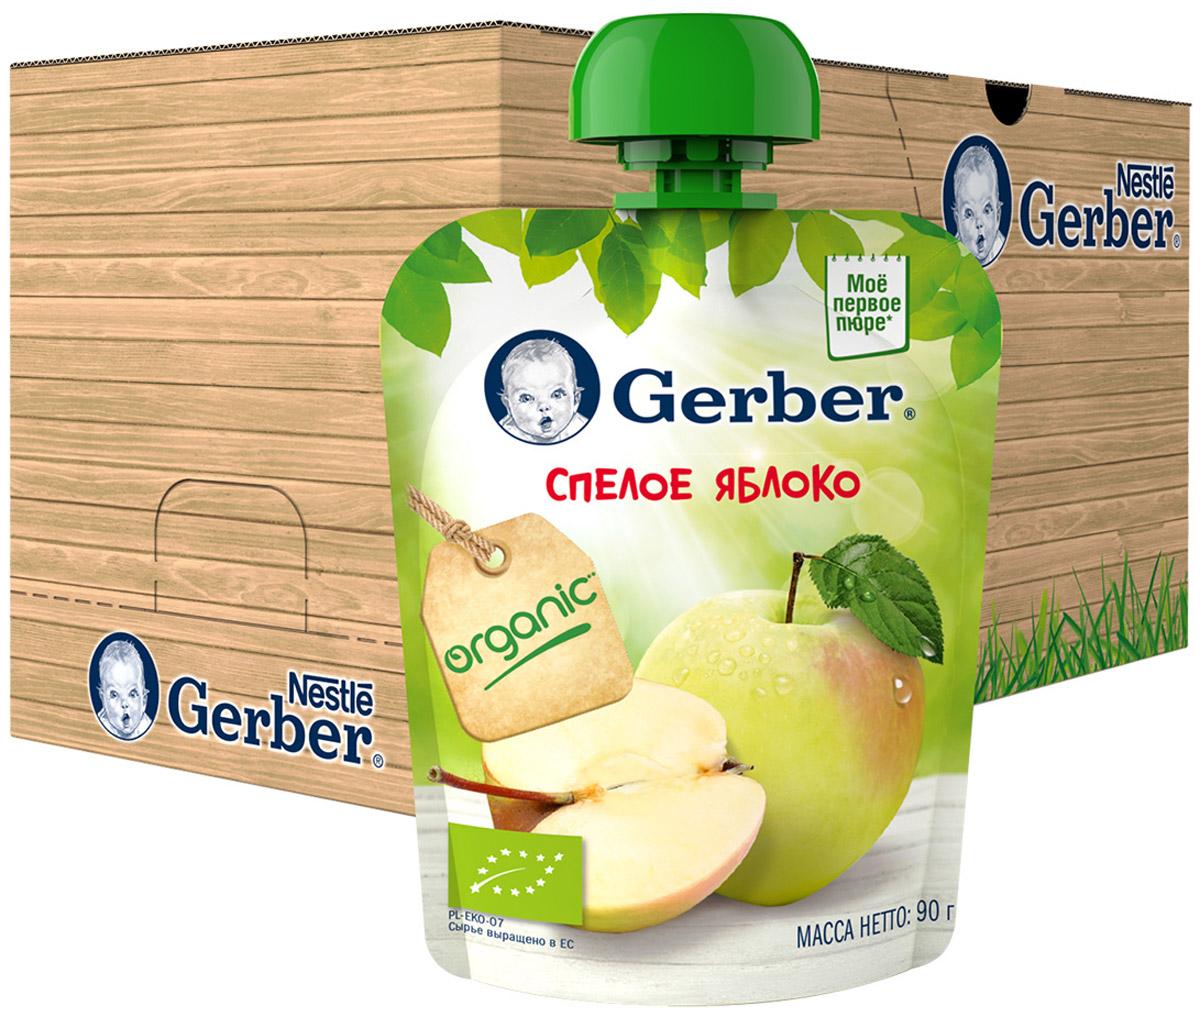 Gerber Органик Яблоко пюре, 16 шт по 90 г gerber органик яблоко пюре 16 шт по 90 г